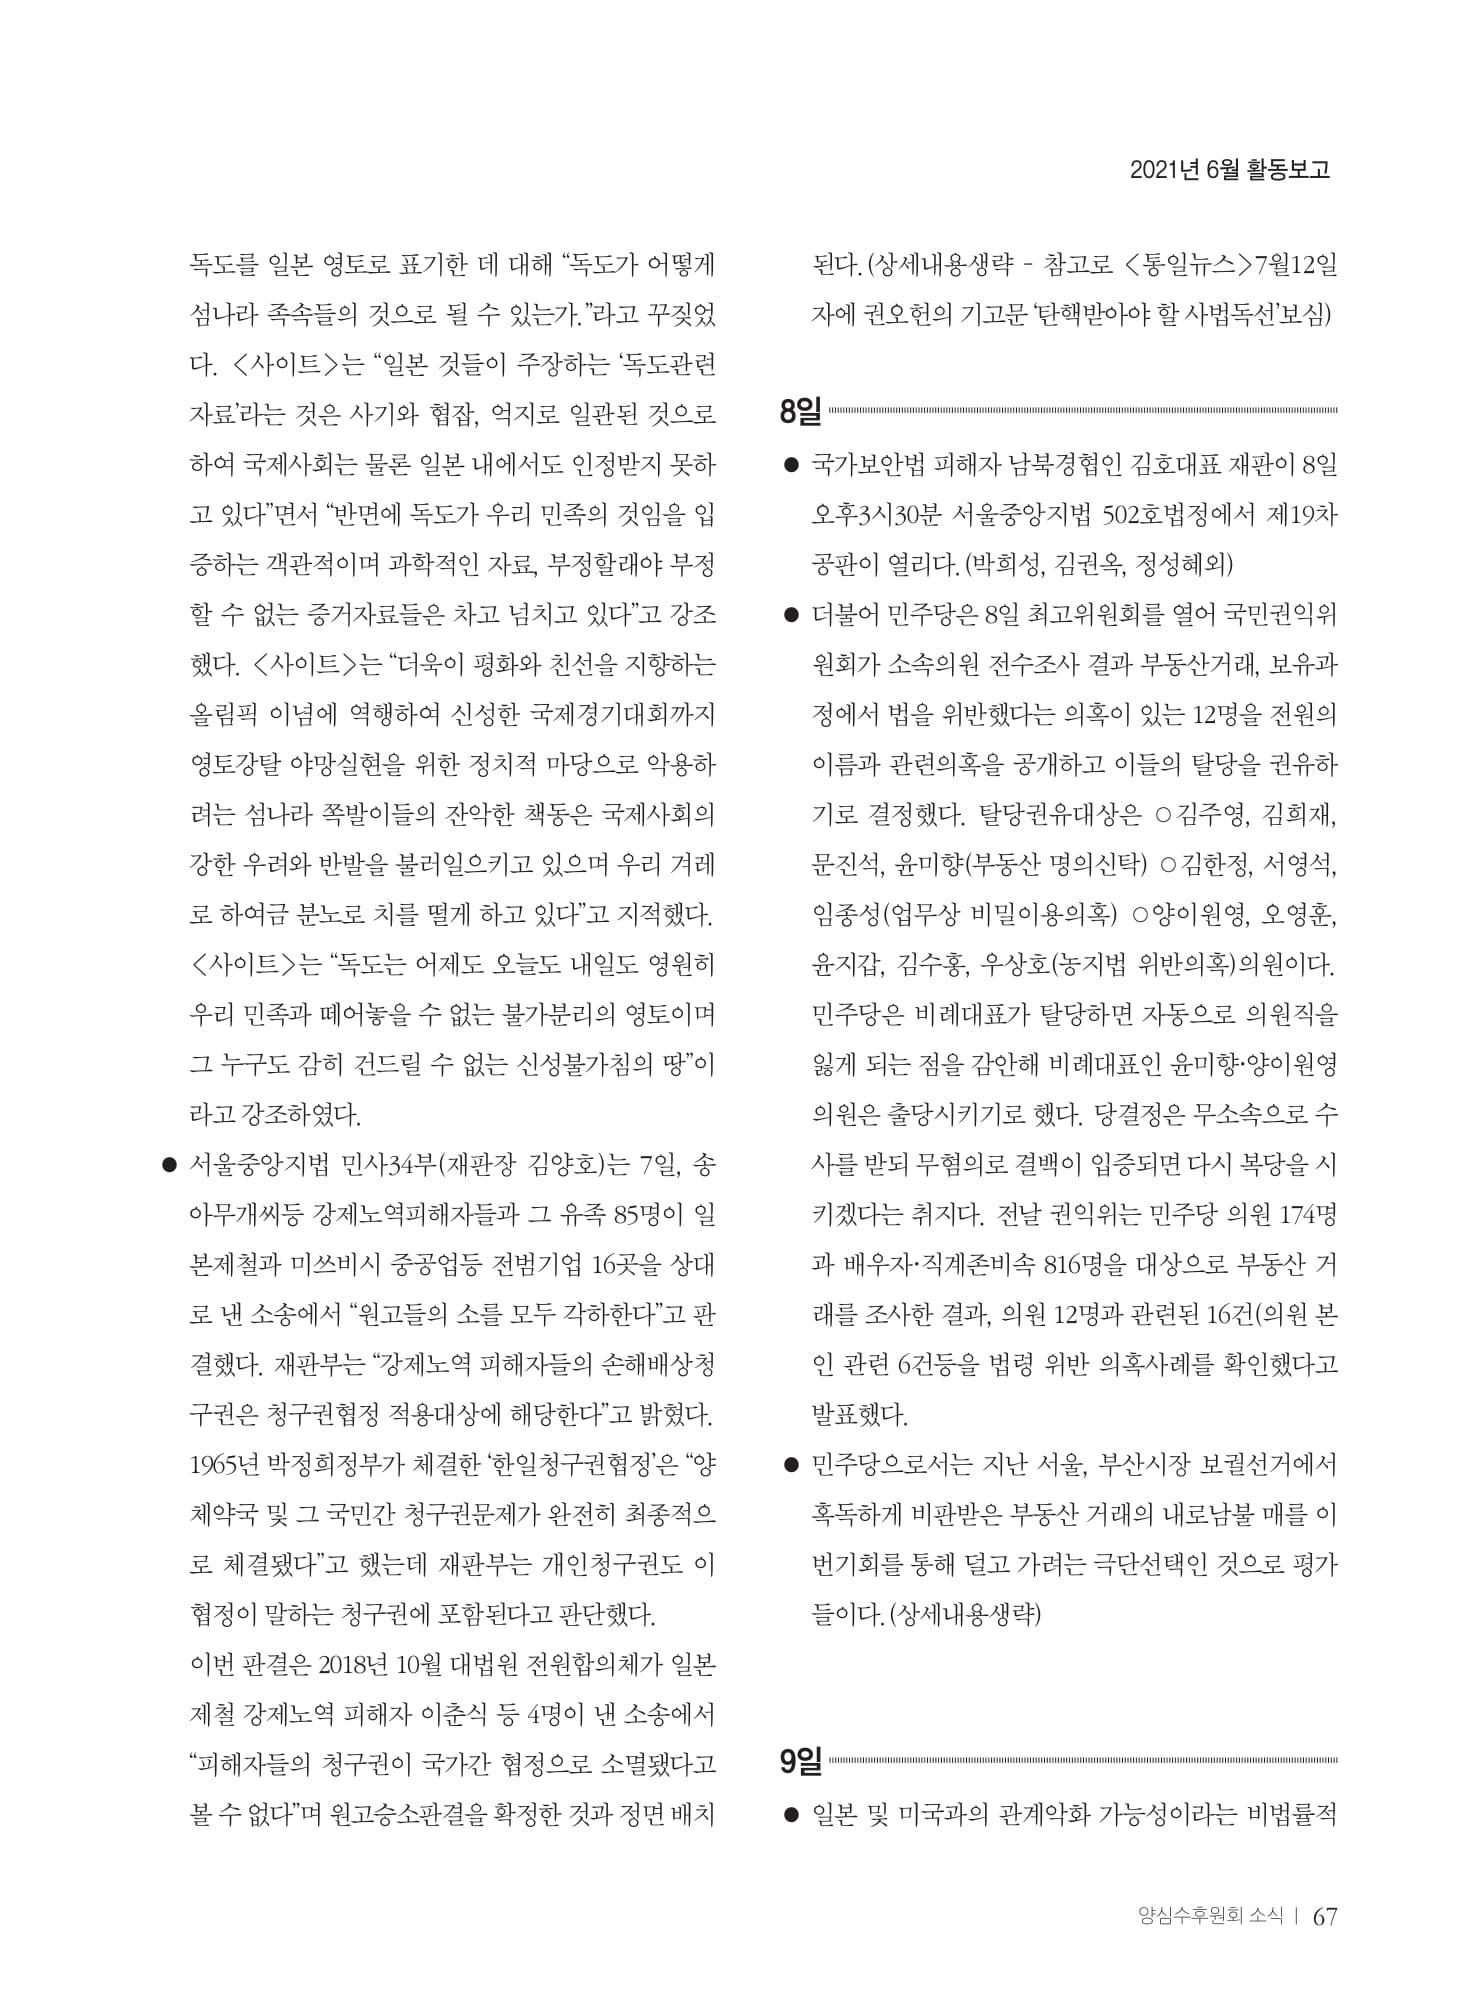 [양심수후원회] 소식지 354호 web 수정-69.jpg